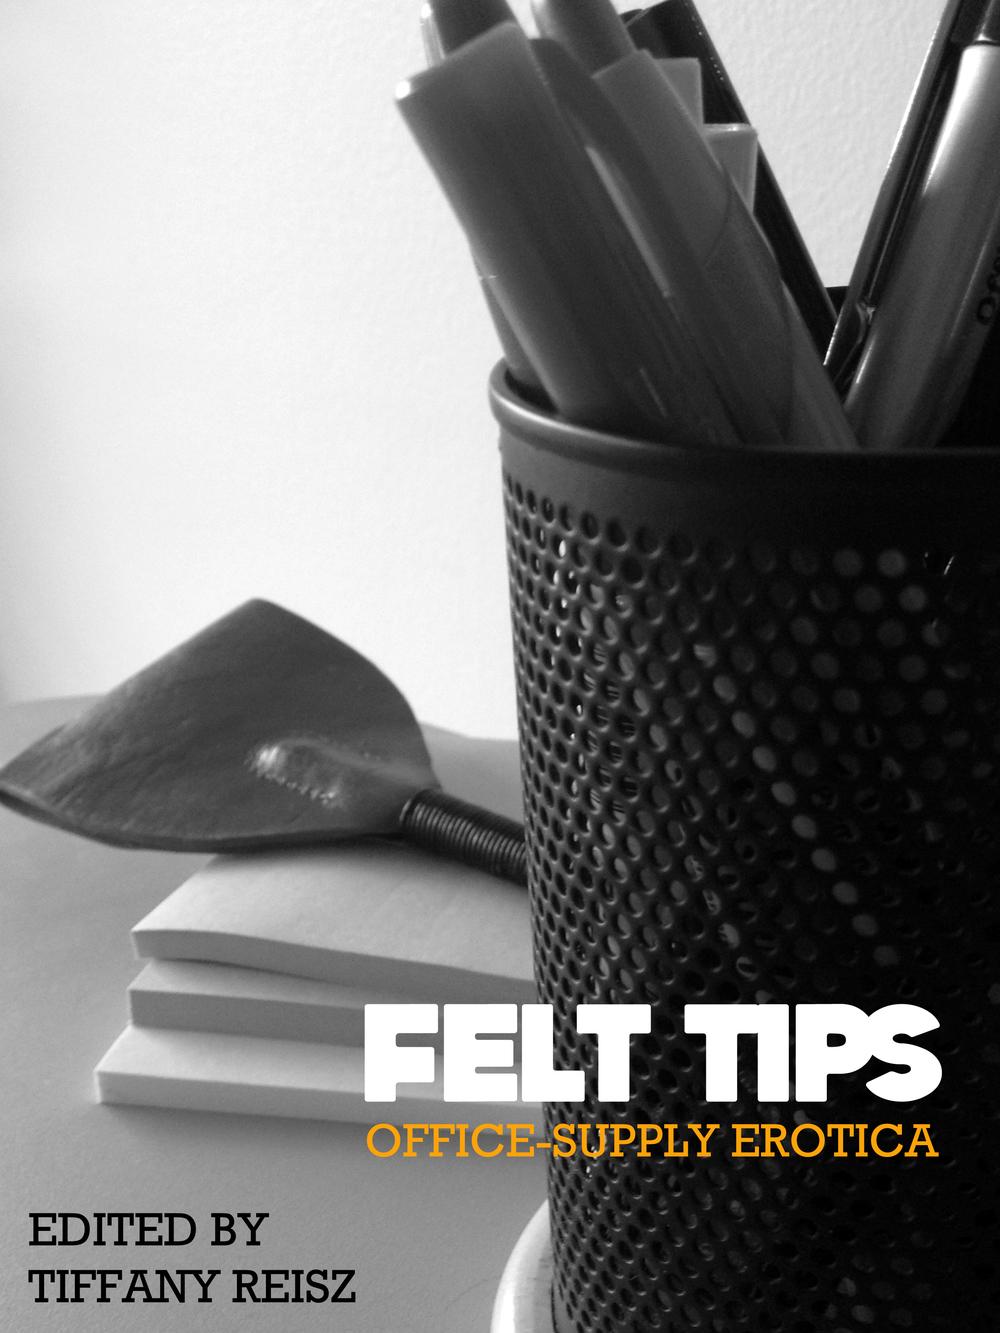 felt-tips-cover-large.jpg